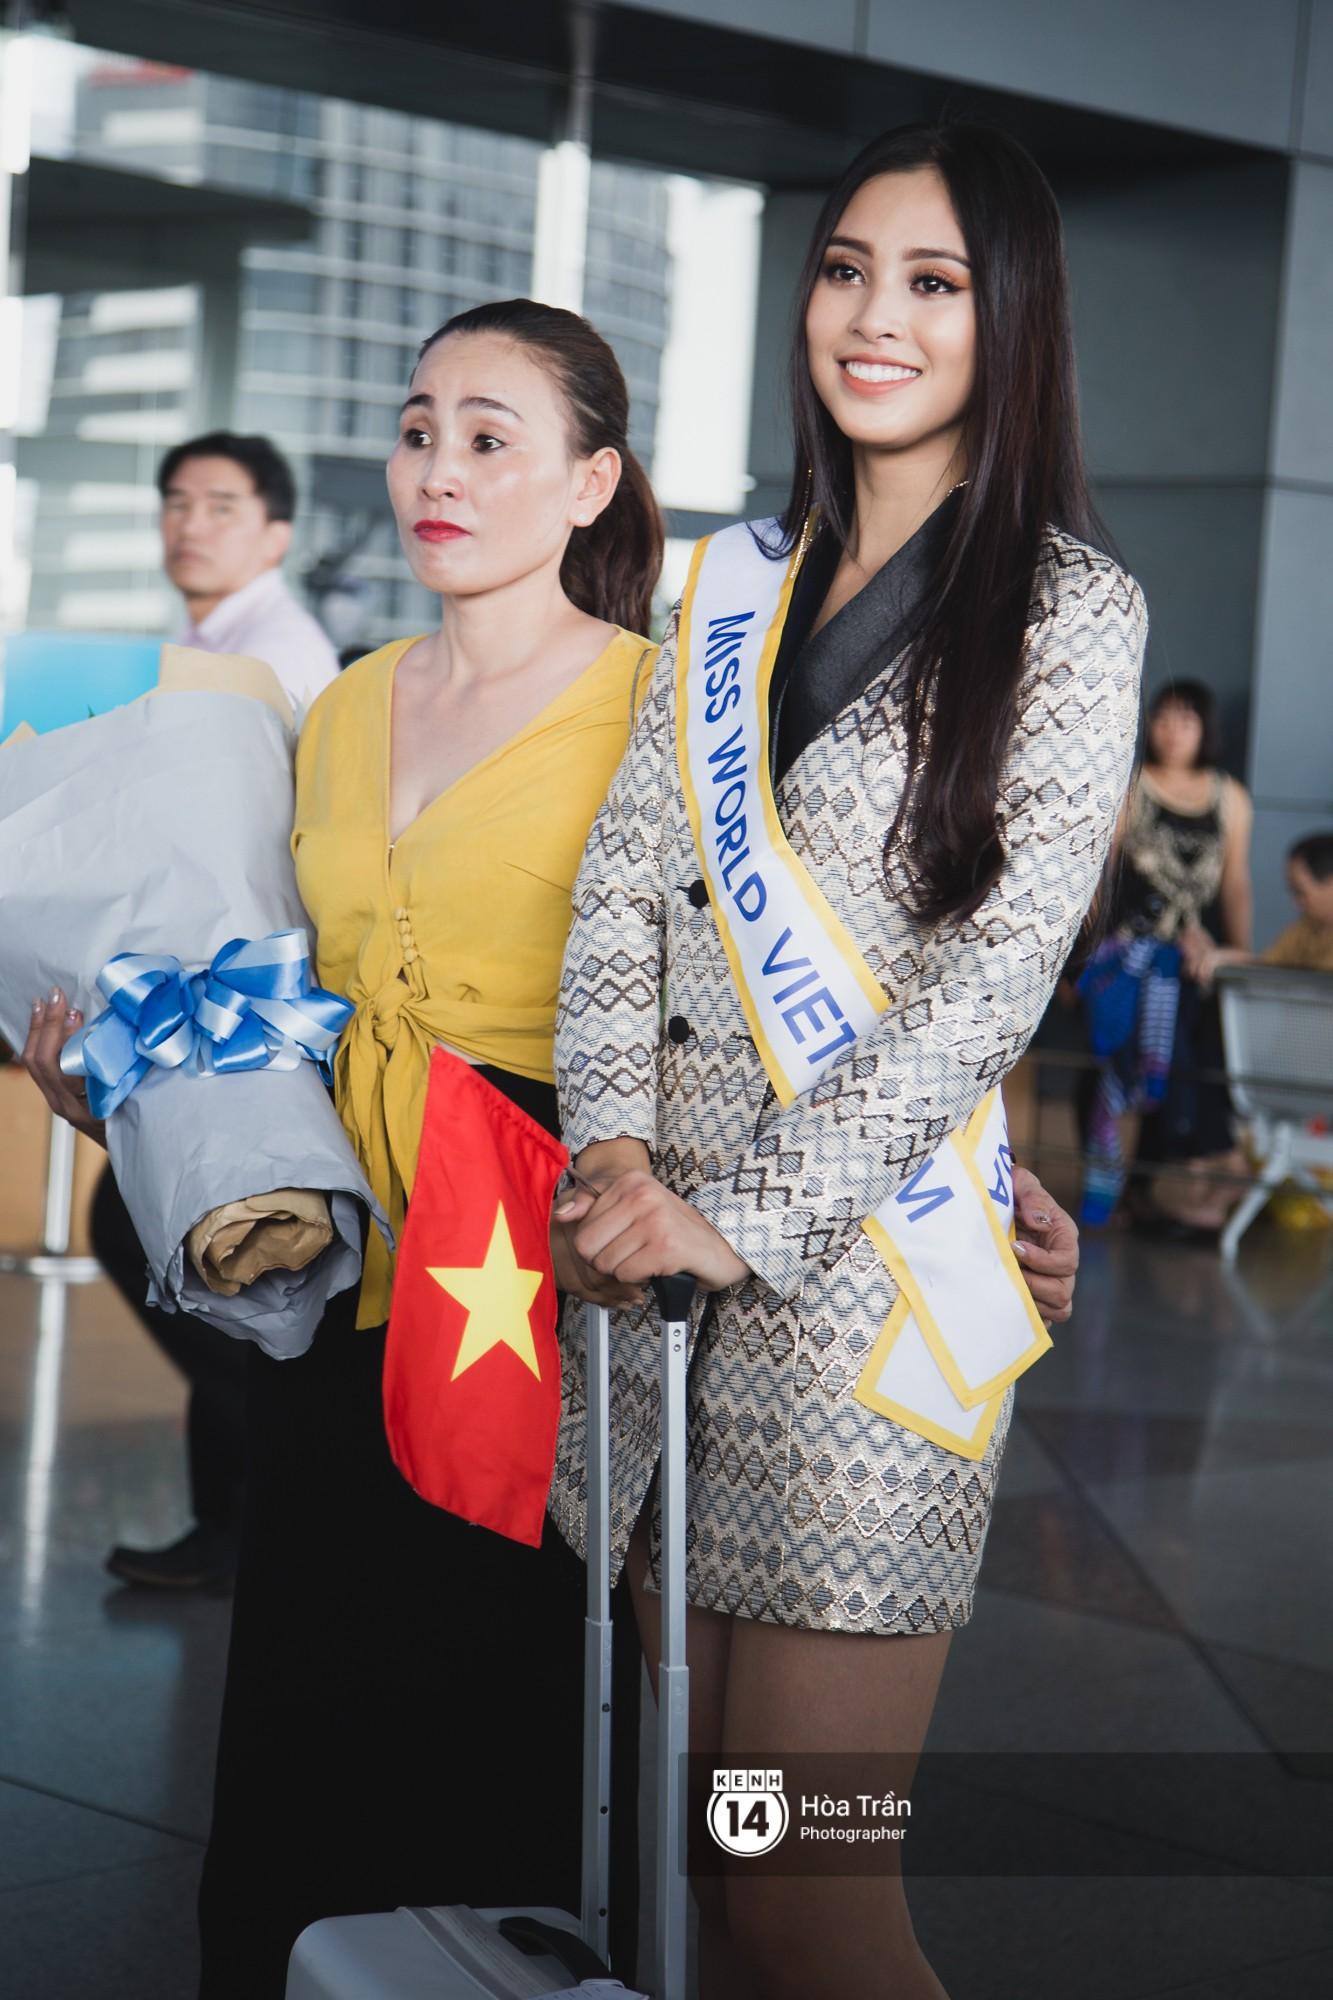 Mẹ cùng người hâm mộ tiễn Trần Tiểu Vy lên đường sang Trung Quốc chinh chiến Miss World 2018 - Ảnh 6.